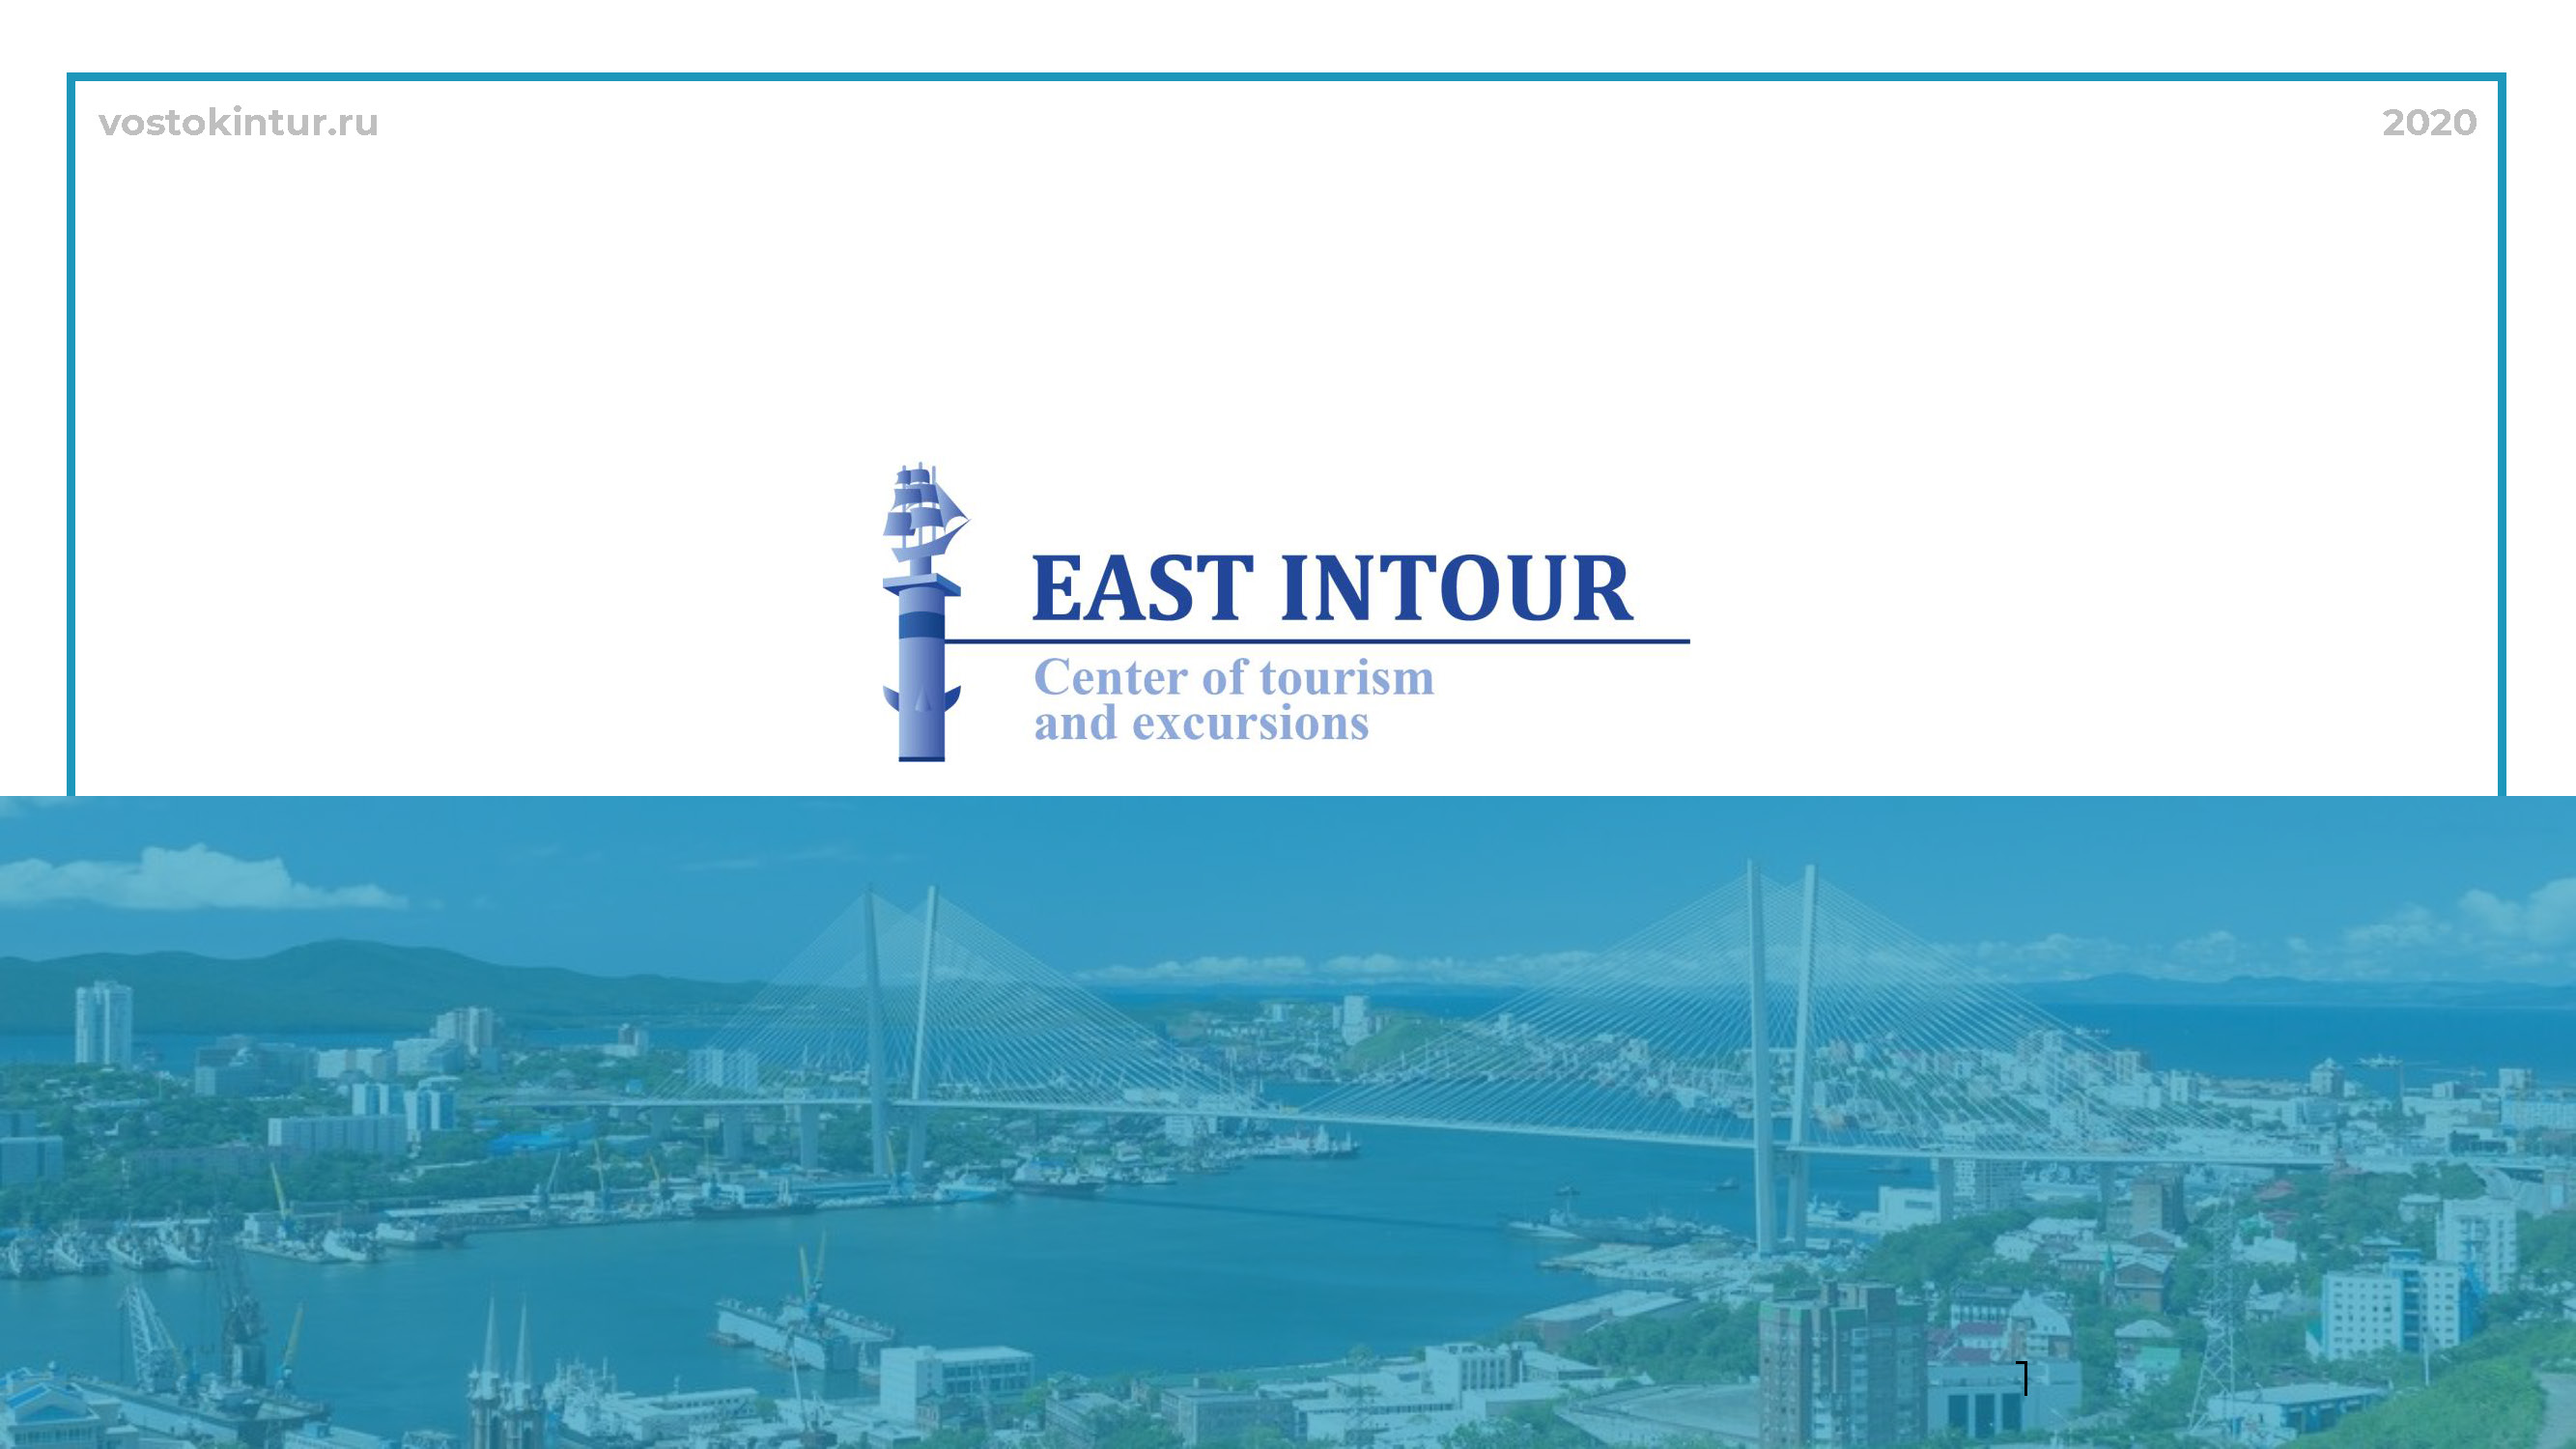 Тематические экскурсии и туры в Владивосток Россия